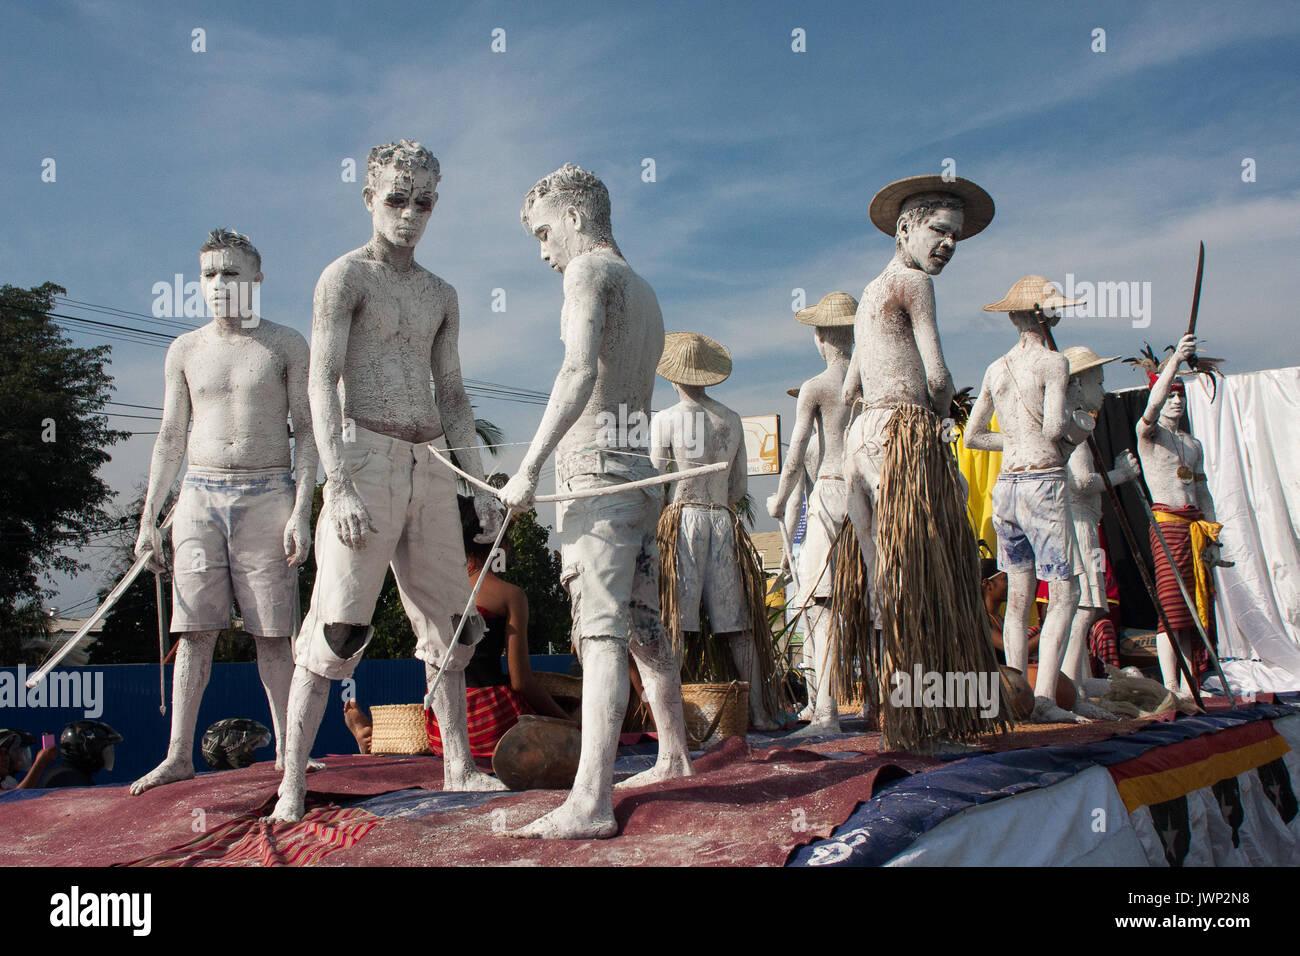 Dili, Timor oriental. Flotteur de carnaval Banque D'Images